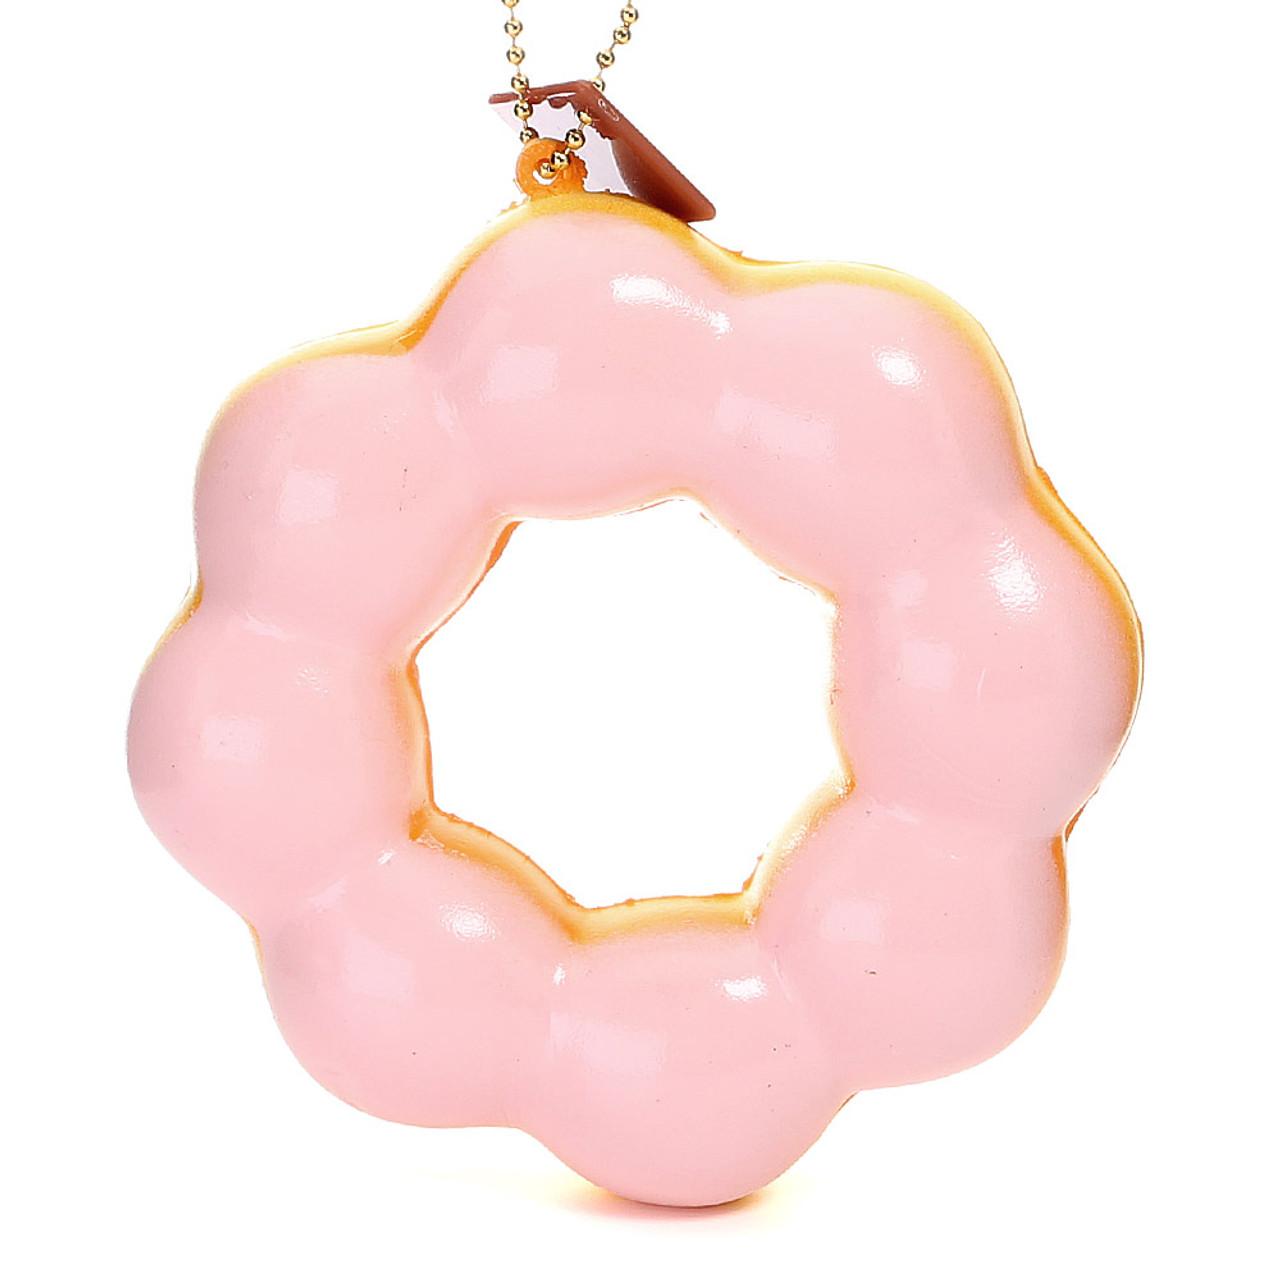 Café De N Strawberry Cream Pon de Ring Donut / Doughnut Super Soft Squishy Cellphone Charms ( Front View )